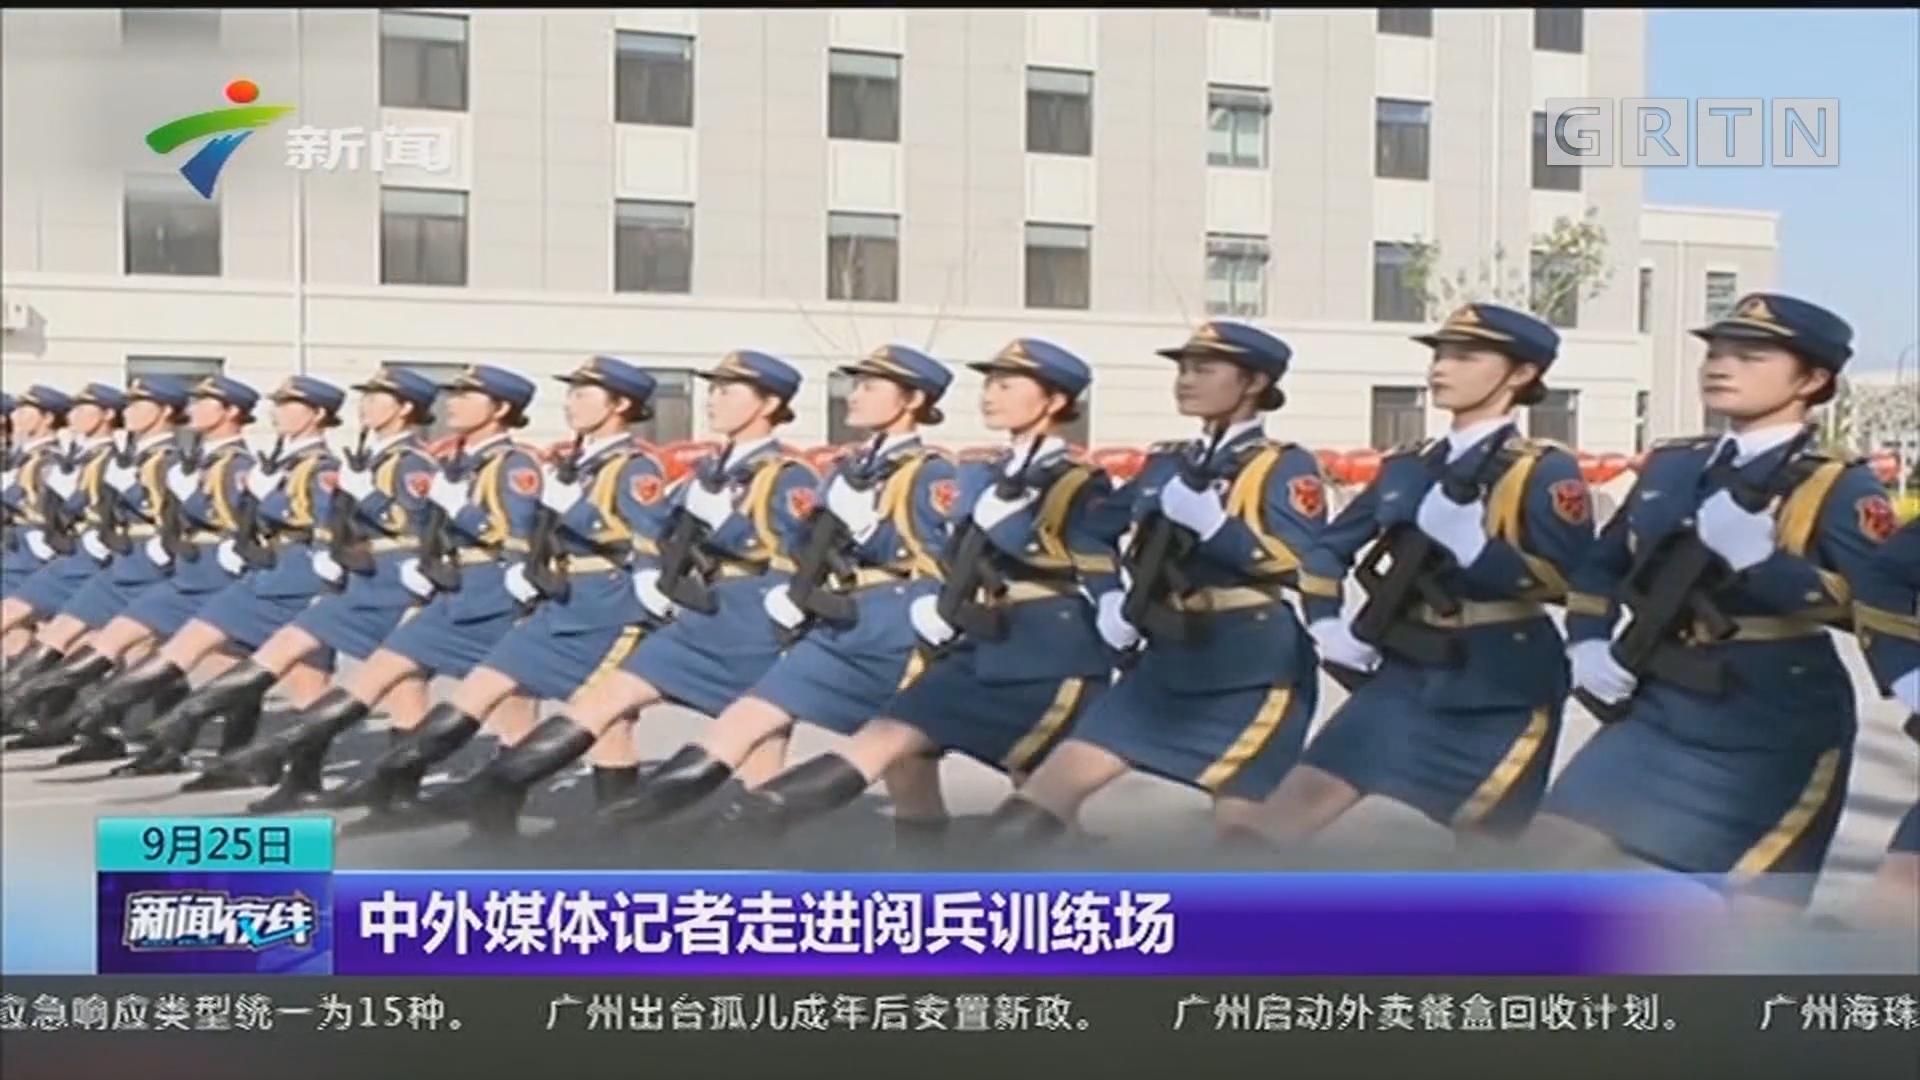 中外媒体记者走进阅兵训练场